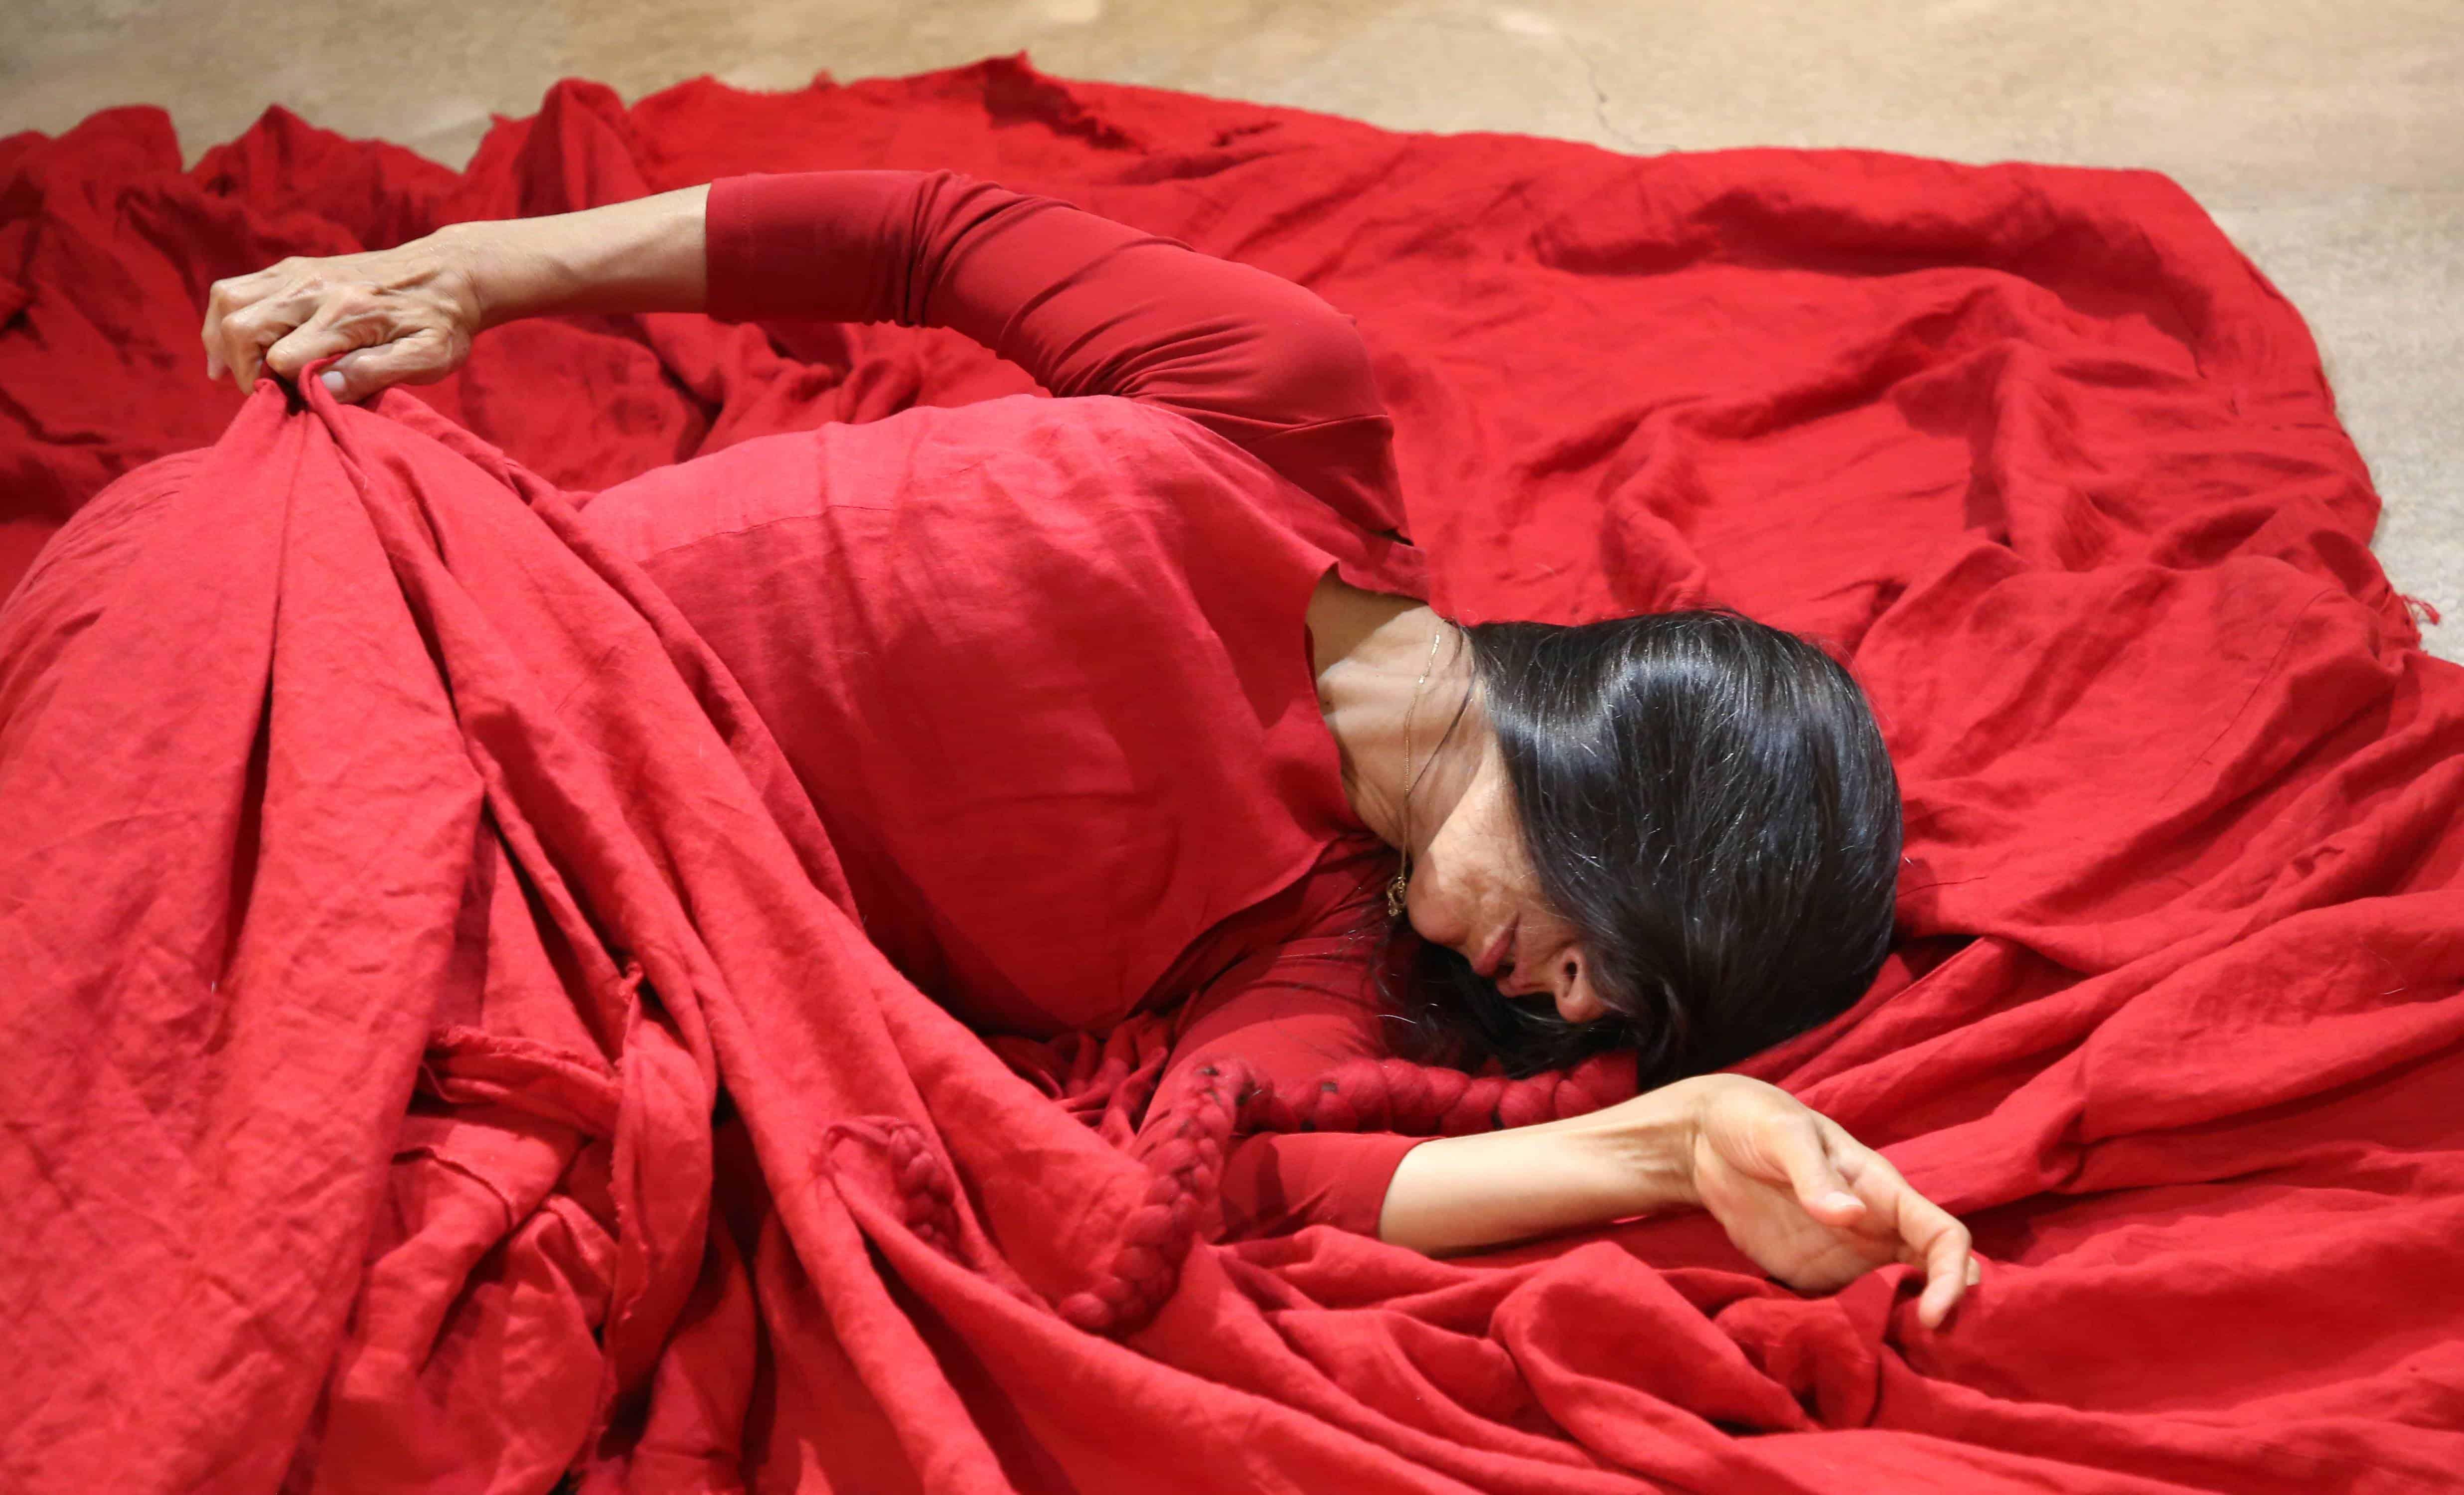 שפירית אדומה תמר בורר, צילום: נטשה שחנס